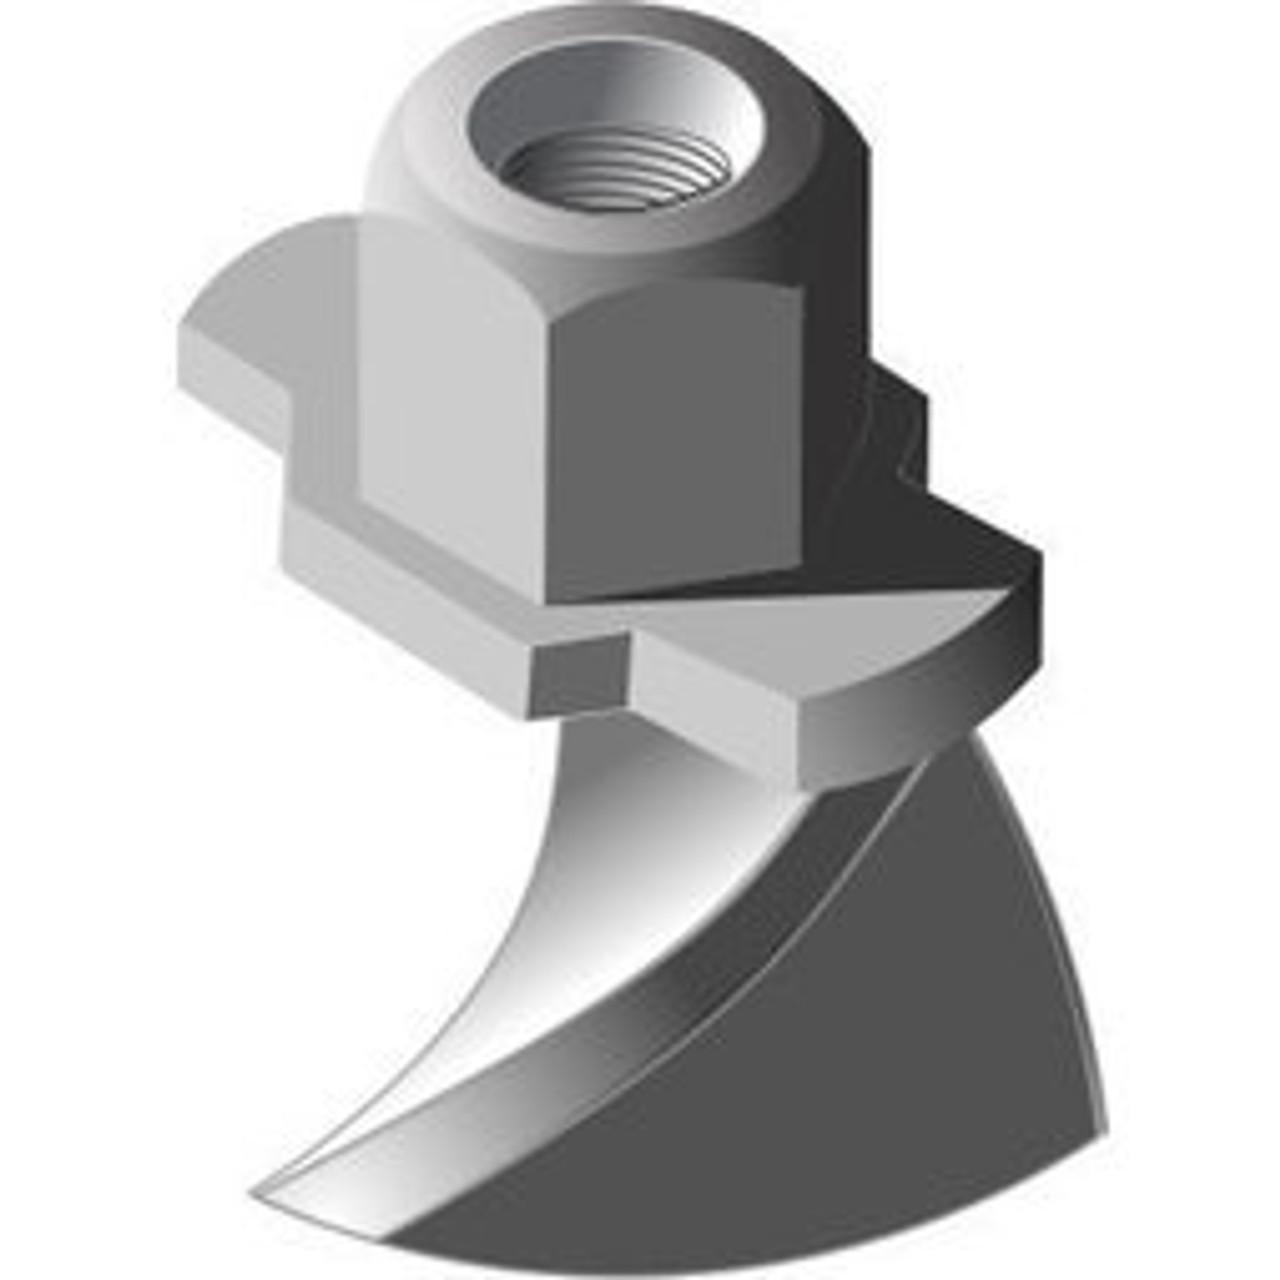 Anchor - Spirafix 50mm AC Type